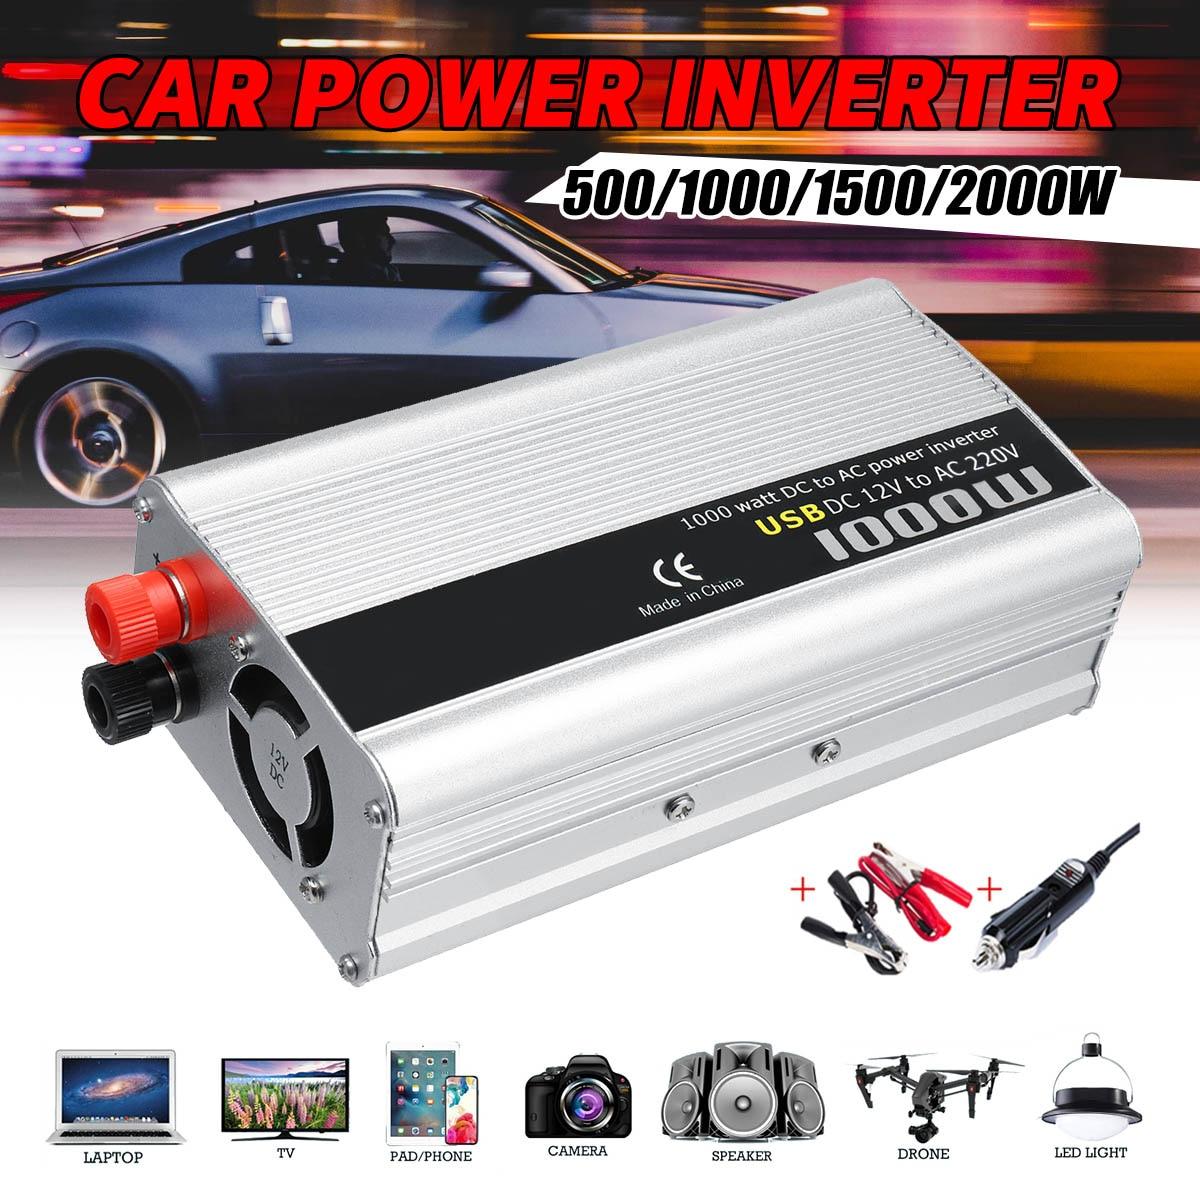 KROAK Car Inverter 500W/1000W Car Inverter DC 12V To AC 220V Power Inverter Charger ConverterKROAK Car Inverter 500W/1000W Car Inverter DC 12V To AC 220V Power Inverter Charger Converter